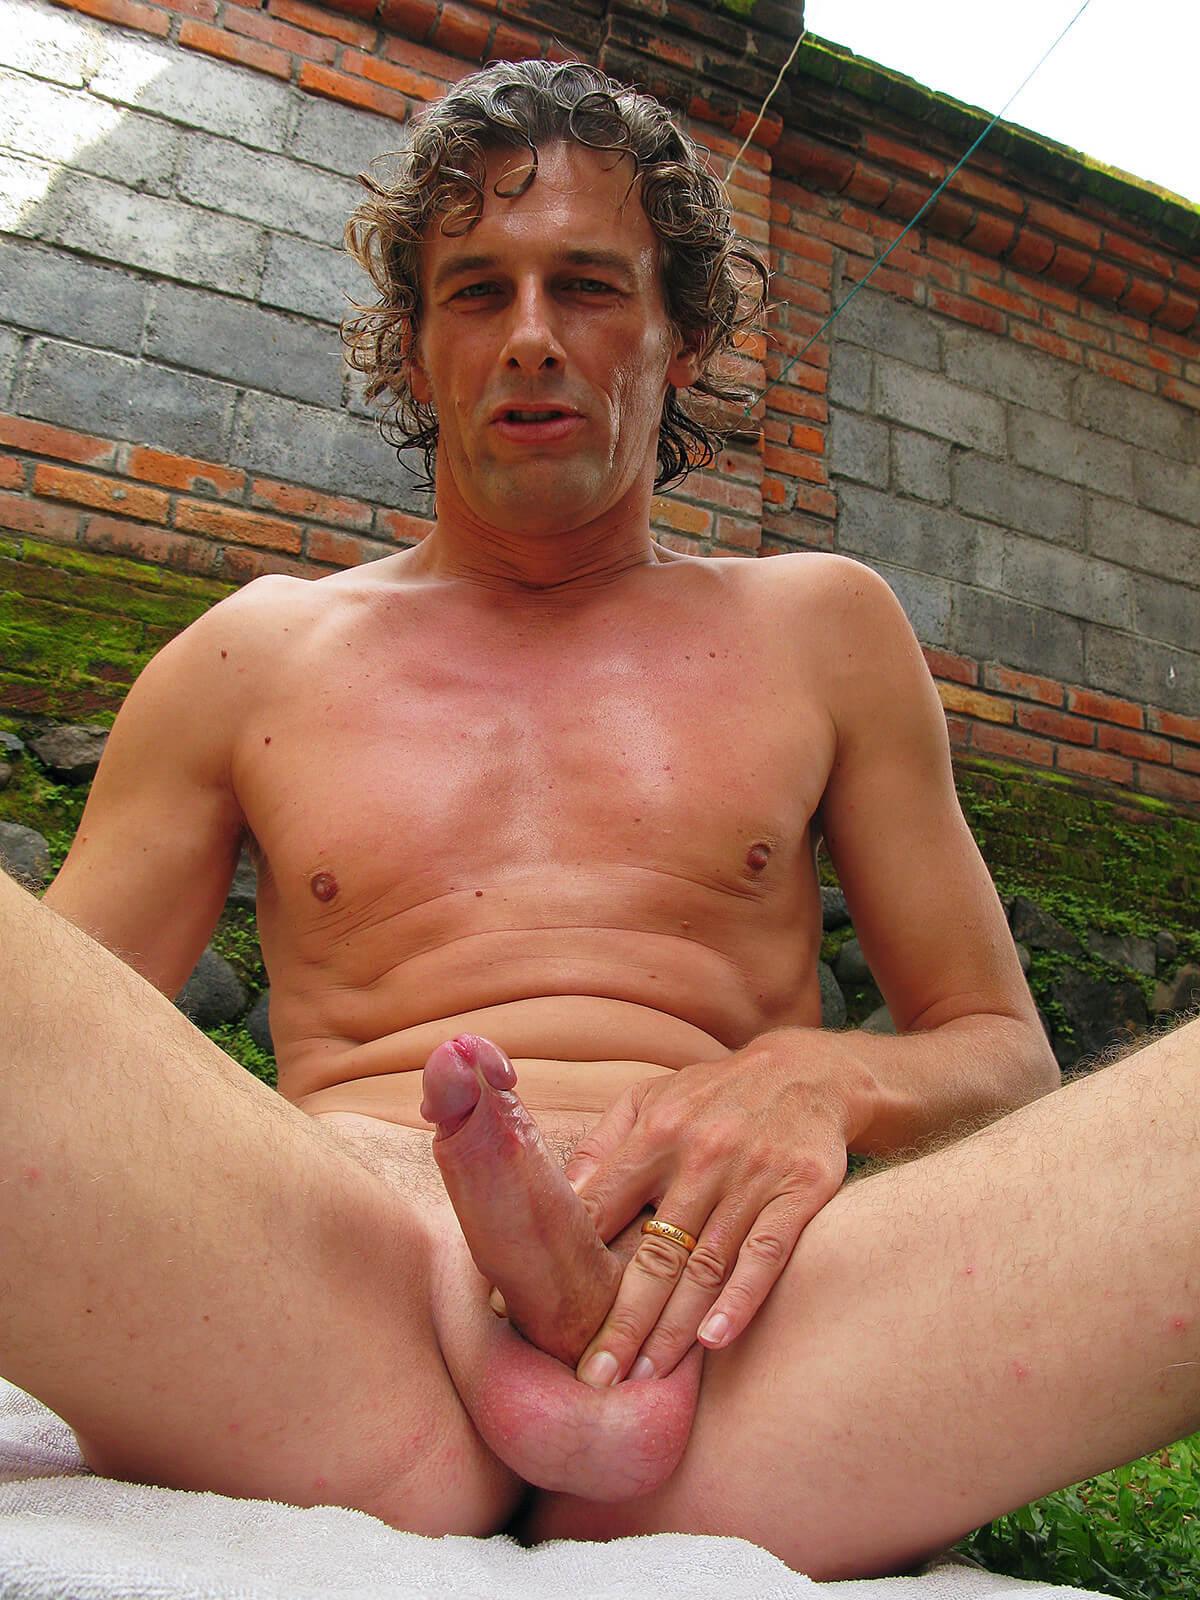 http://dating.rs/slike/1143/006.jpg